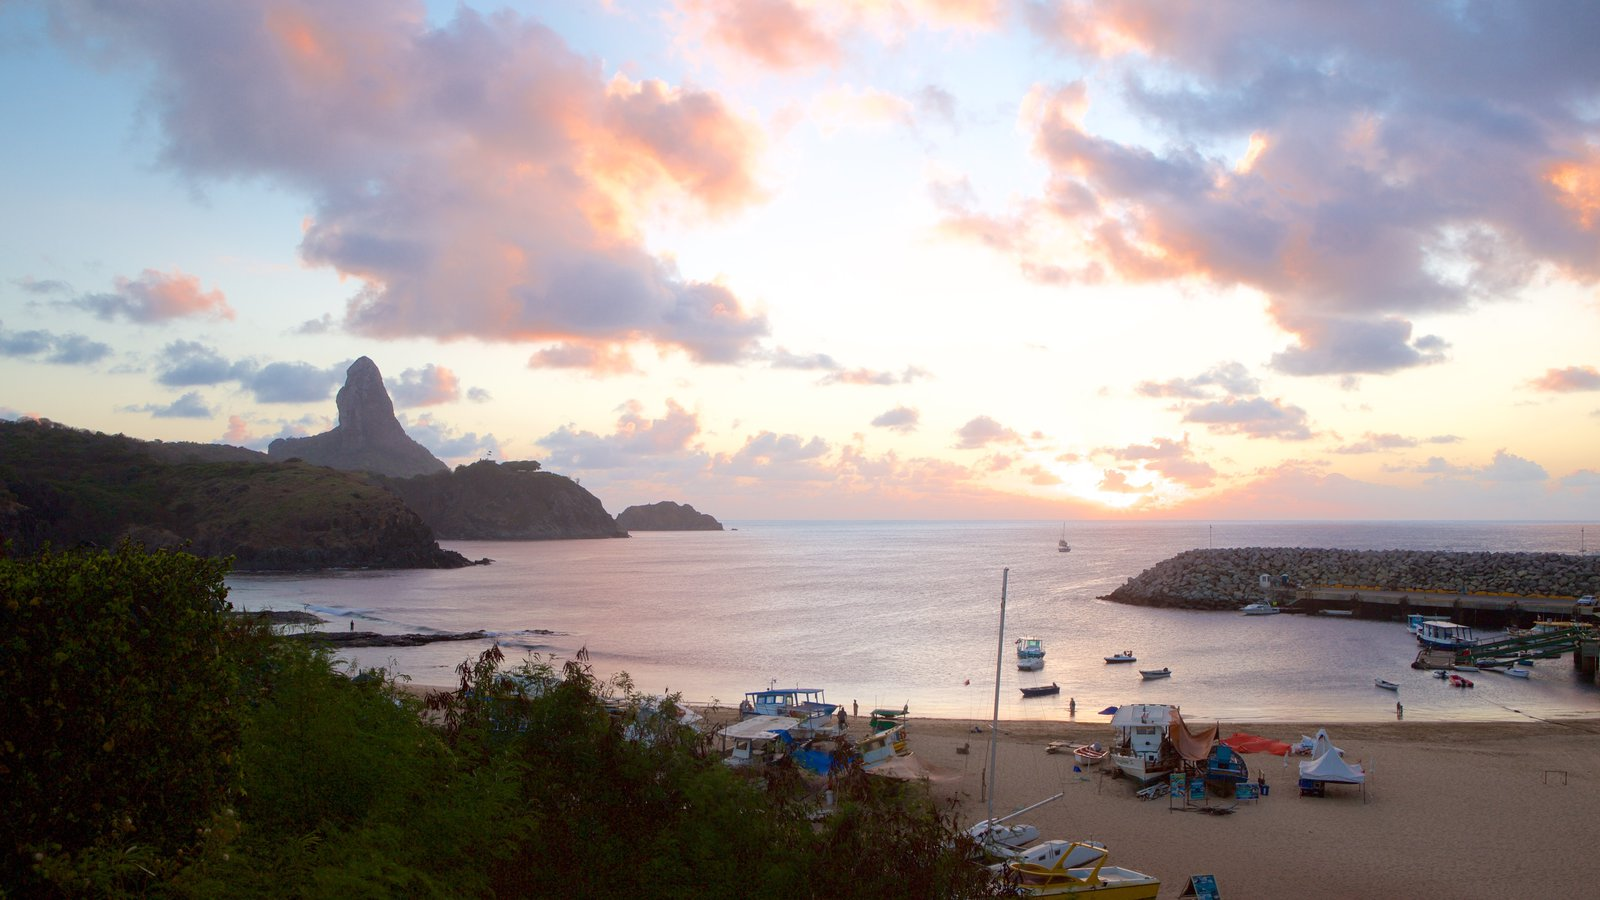 Porto Santo Antônio caracterizando paisagens litorâneas, um pôr do sol e uma praia de areia